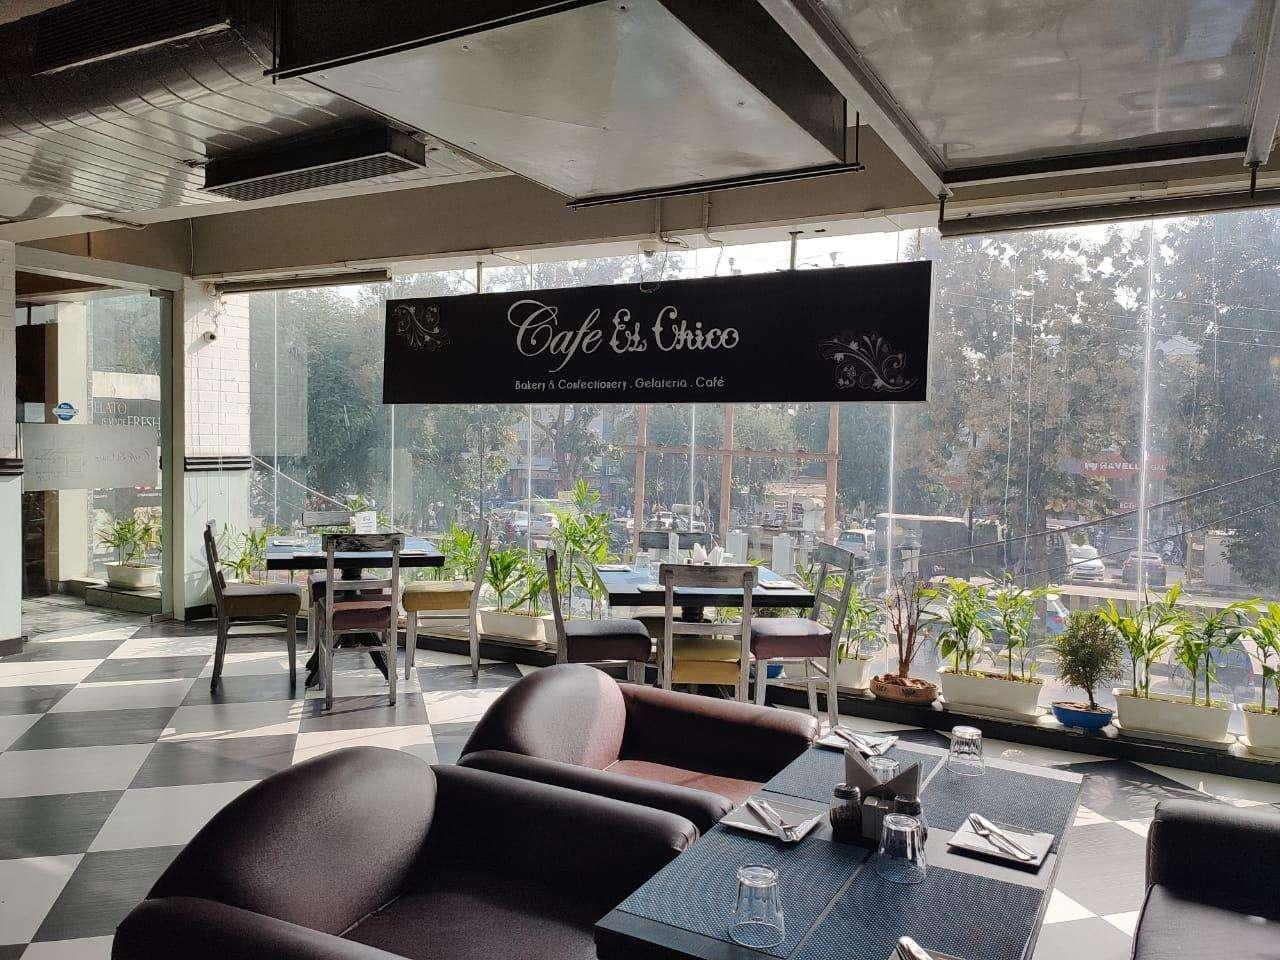 Cafe El Chico